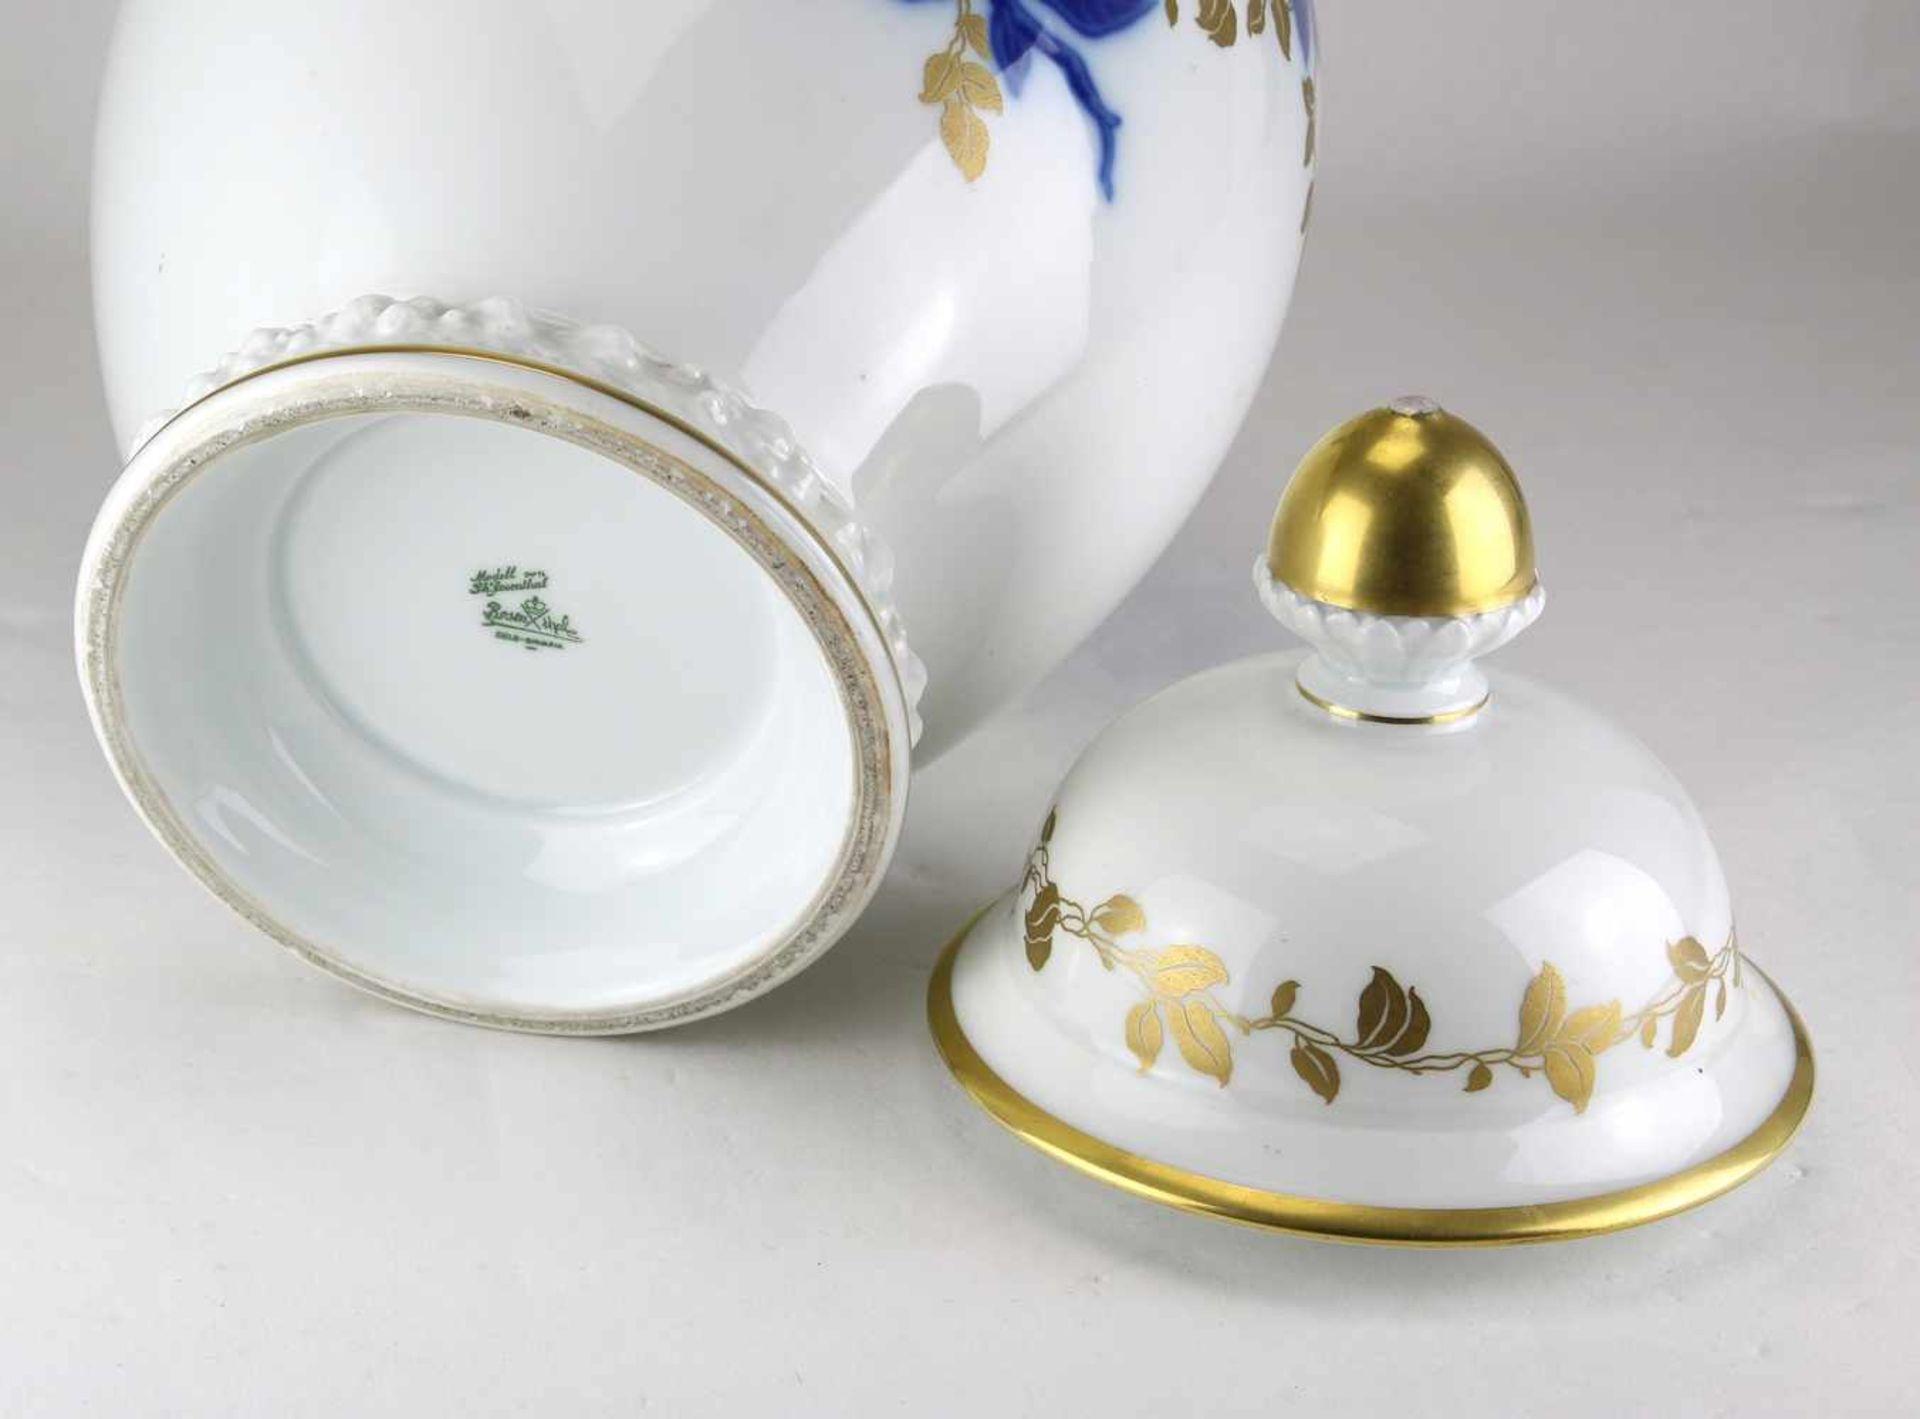 DeckelvasePhillip Rosenthal um 1930. Porzellan. Balusterform mit blauem Floraldekor und Goldauflage. - Bild 2 aus 2